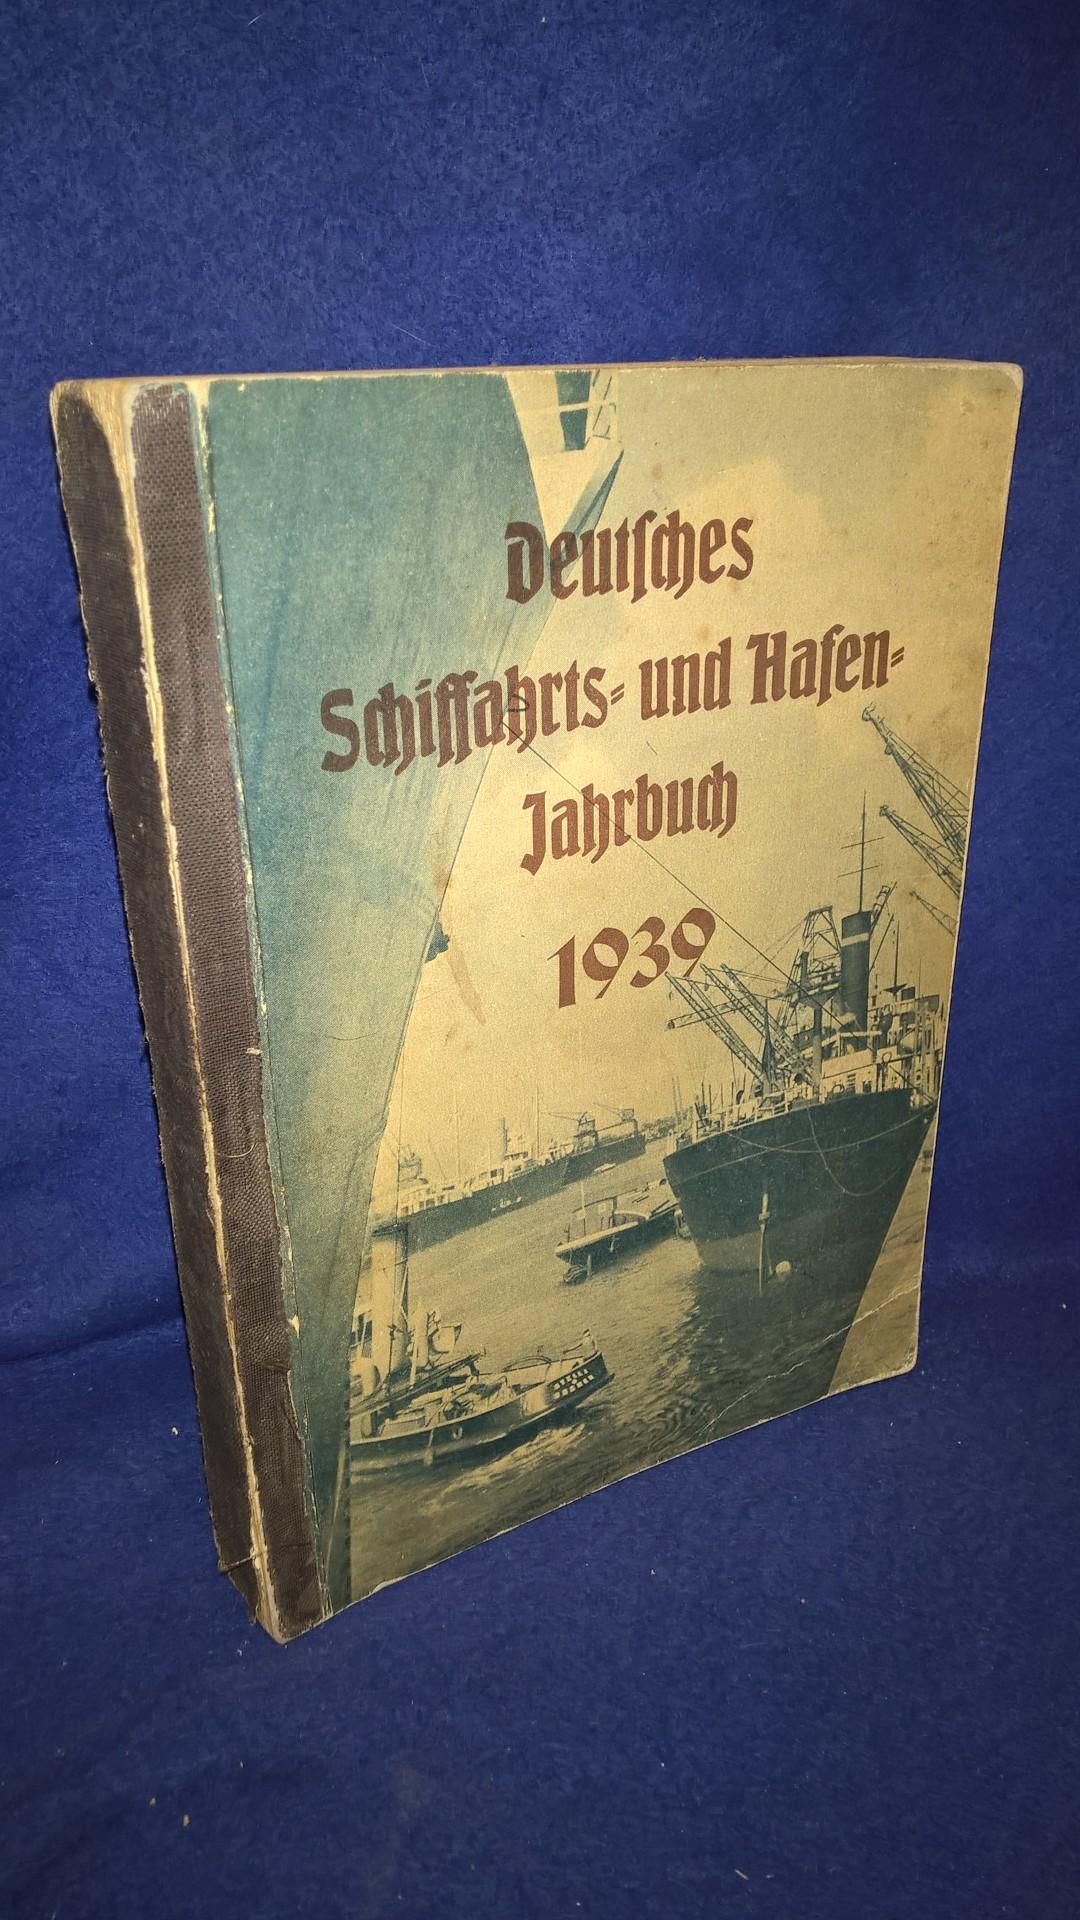 Deutsches Schiffahrt- und Hafen-Jahrbuch 1939.